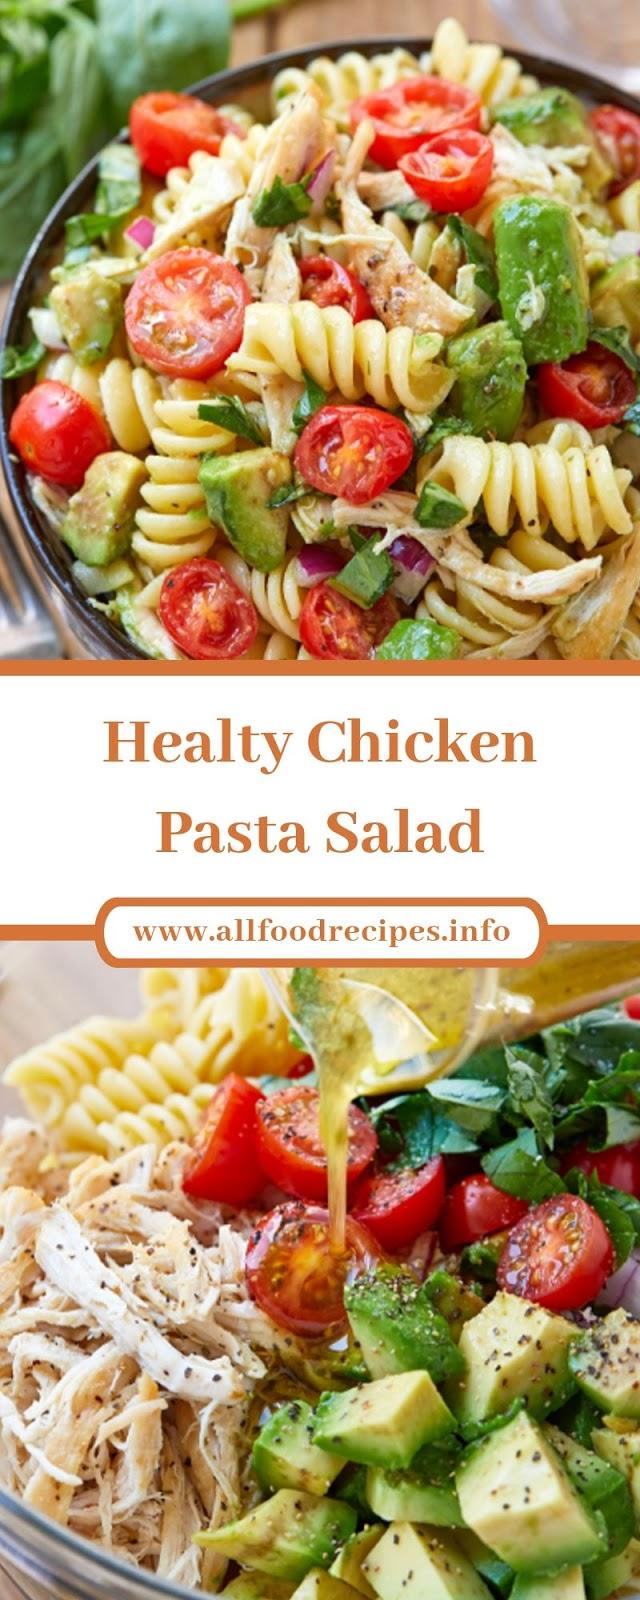 Healty Chicken Pasta Salad